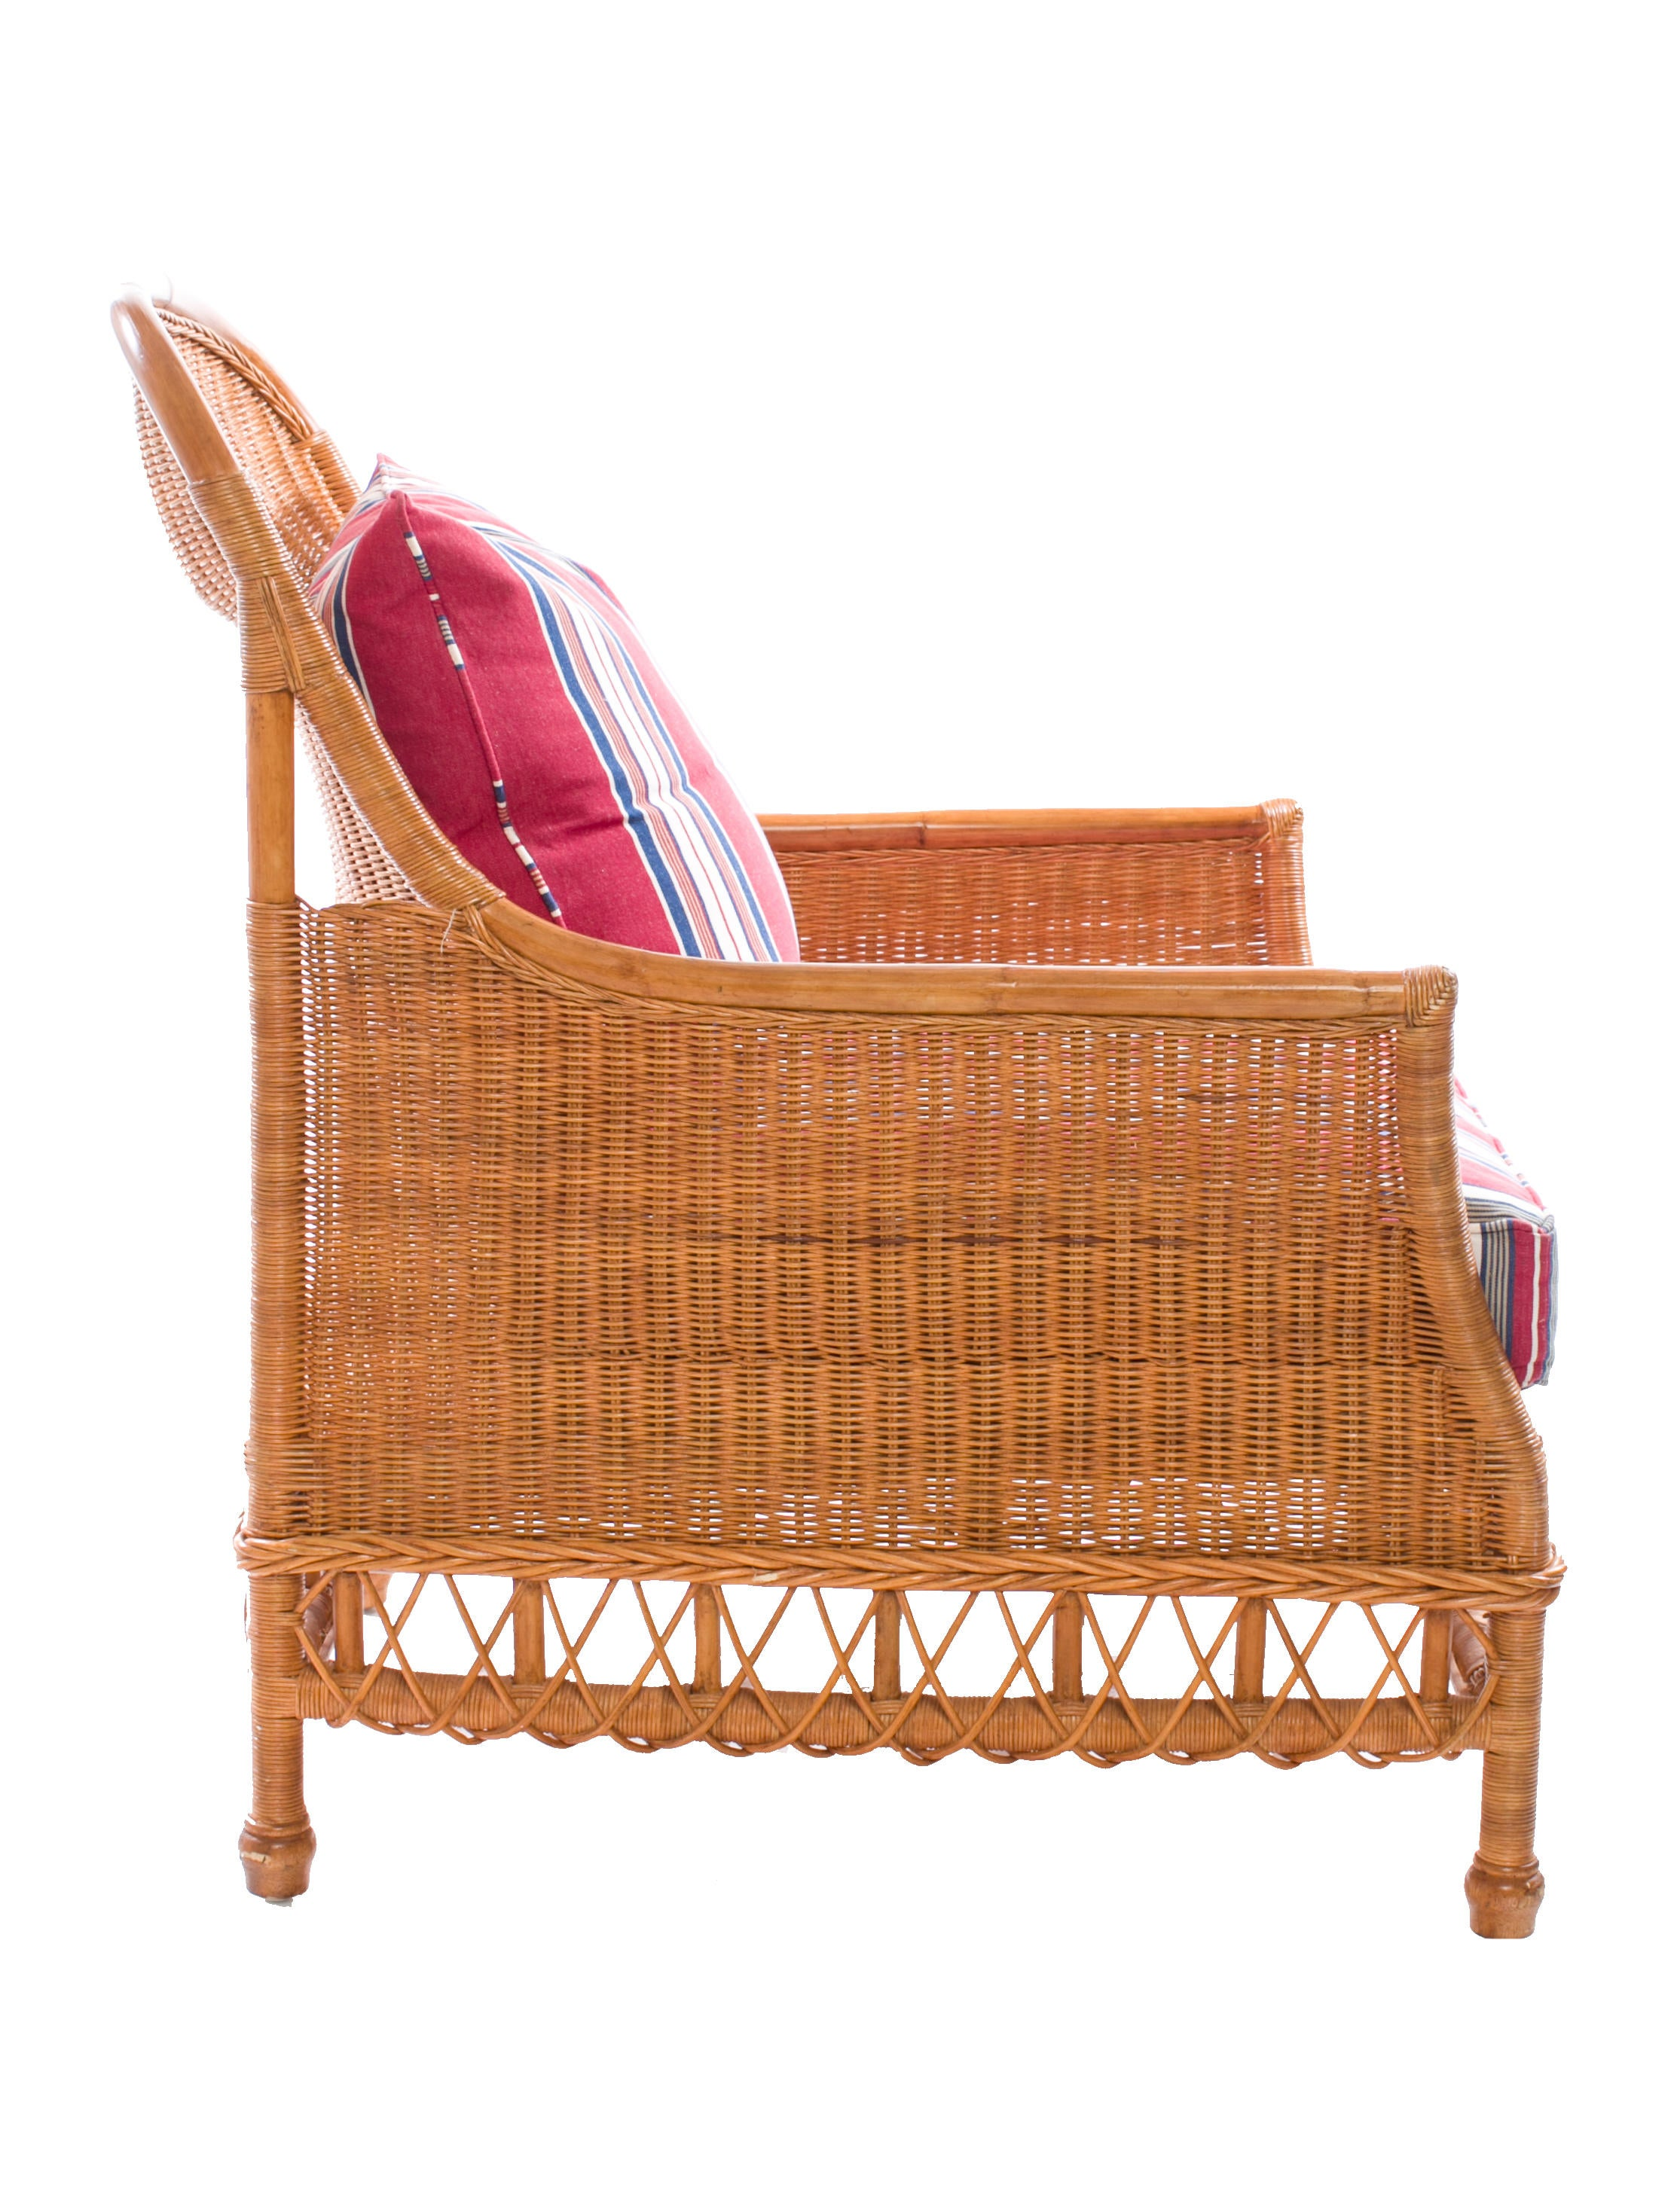 Ralph lauren american villa wicker chair furniture for Ralph lauren outdoor furniture